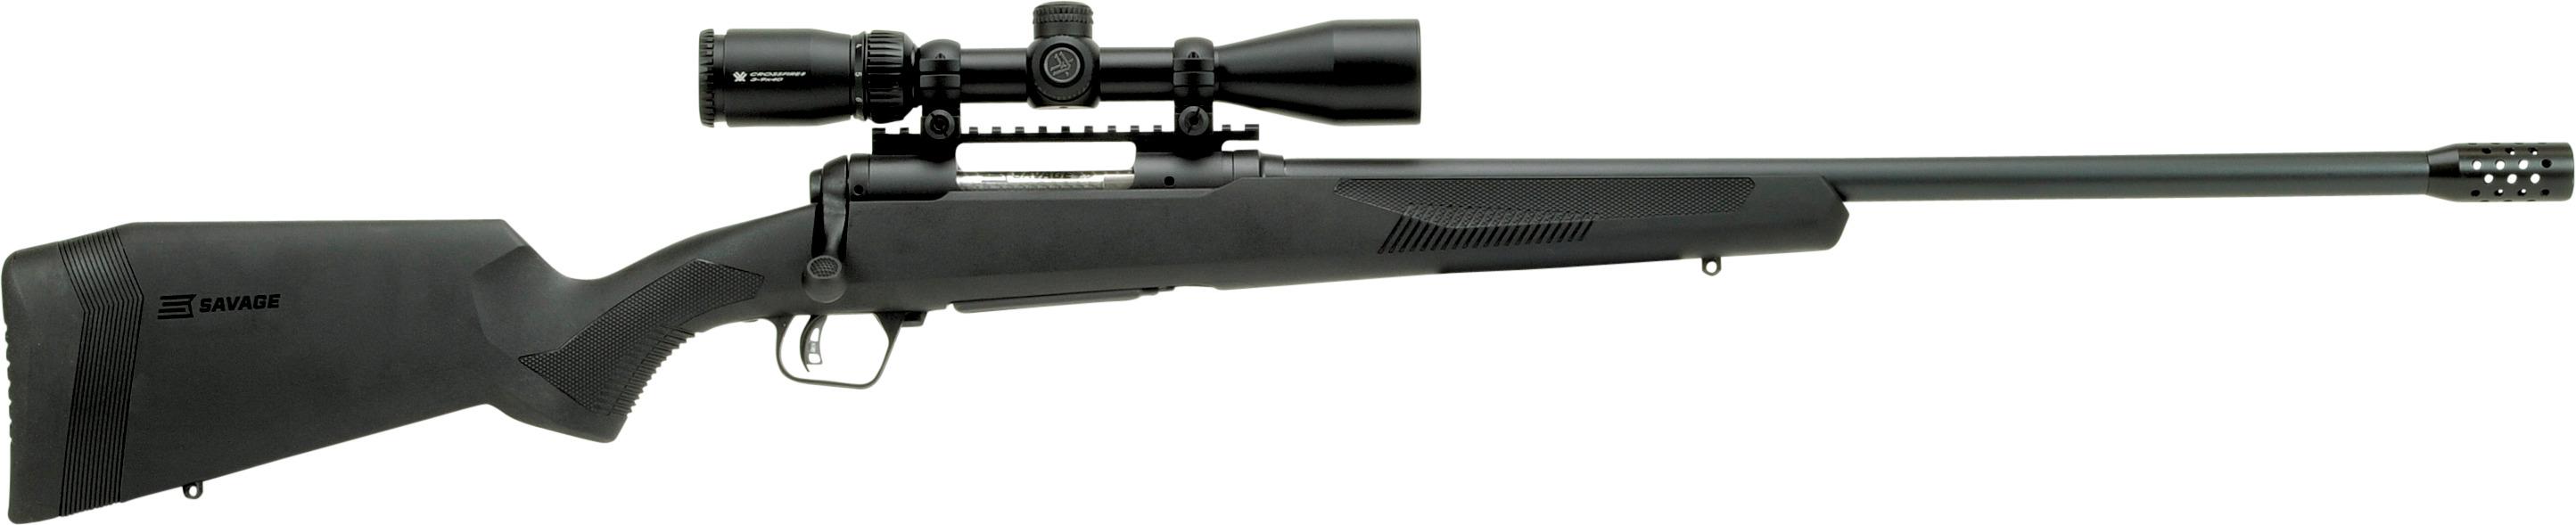 Savage Arms 110 Apex Hunter XP 450 Bushmaster